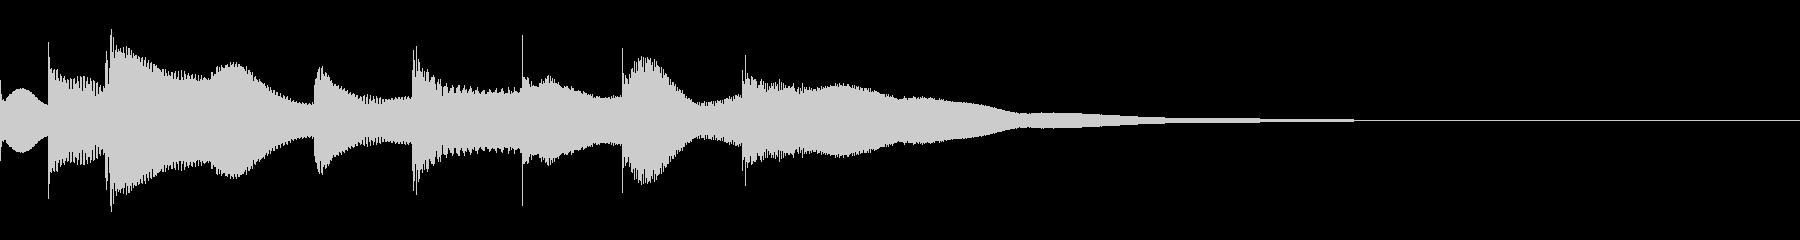 ジングル用オルゴール楽曲04-2の未再生の波形